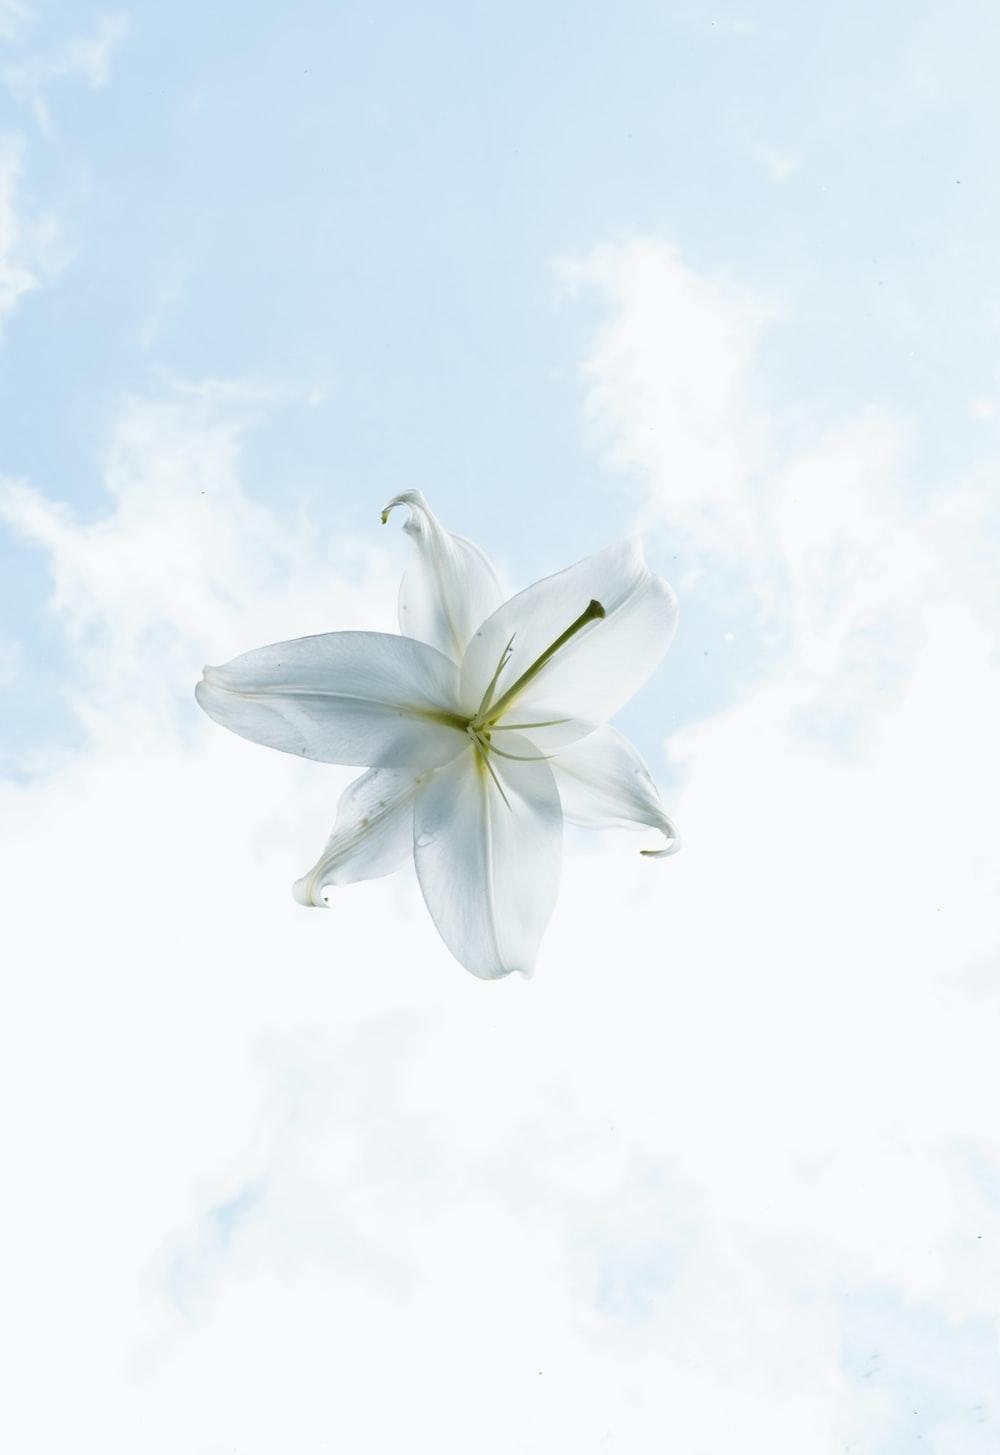 white flower under white clouds during daytime